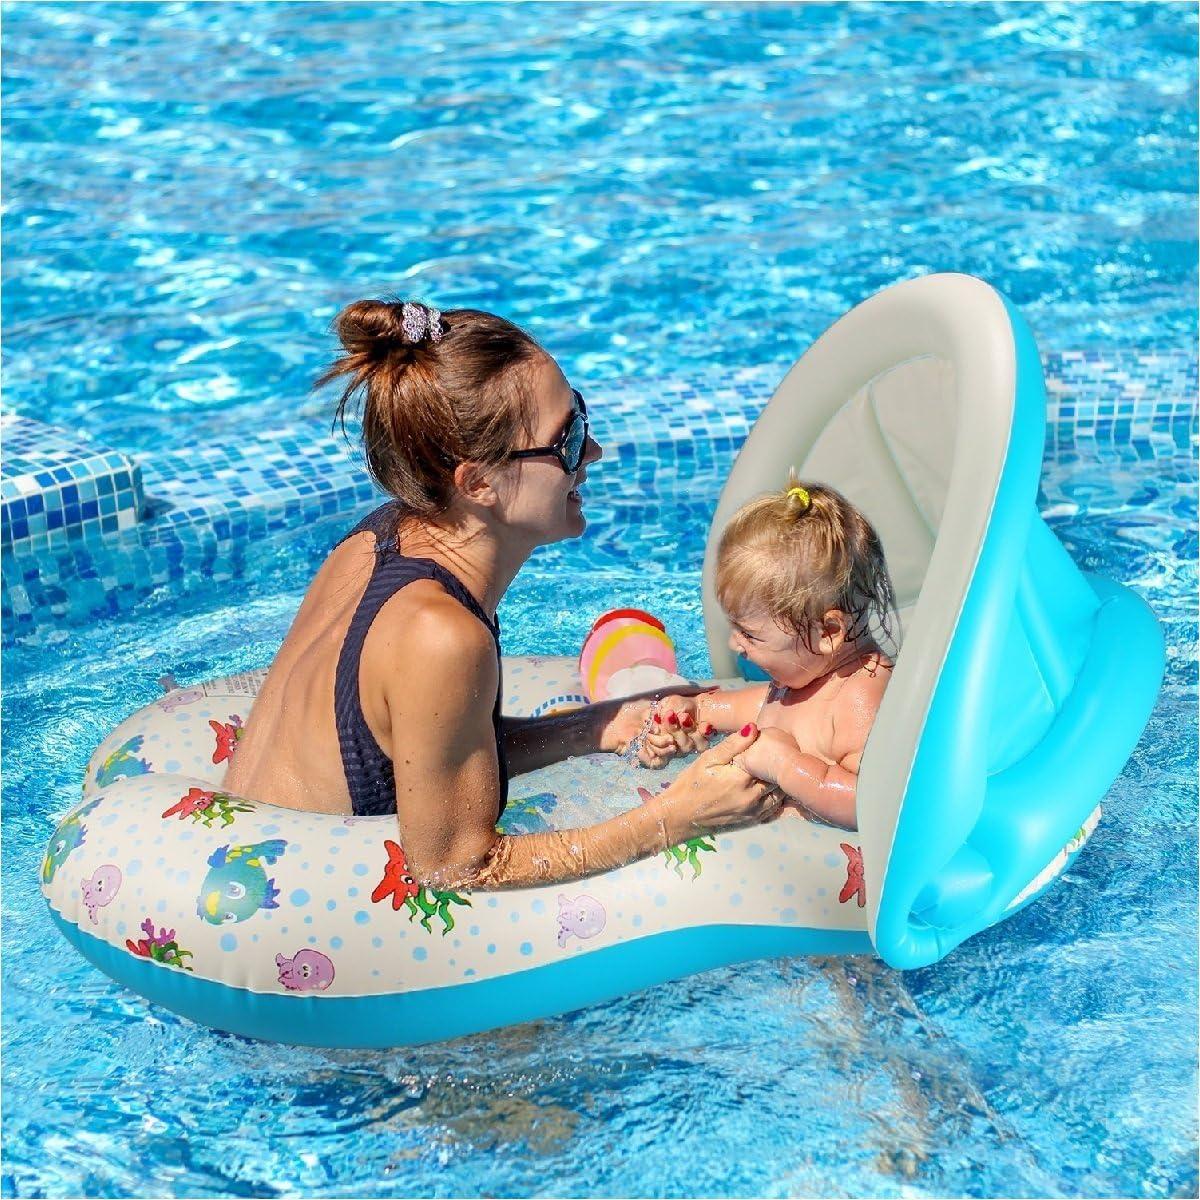 Qile Anillo Con Piscina del Barco Balsa Tubo del Flotador-Sentado, Niño del Bebé, Anillo Lindo Nadadores y Natación para Bebés, para 1-3 Años de Edad (Blanco)